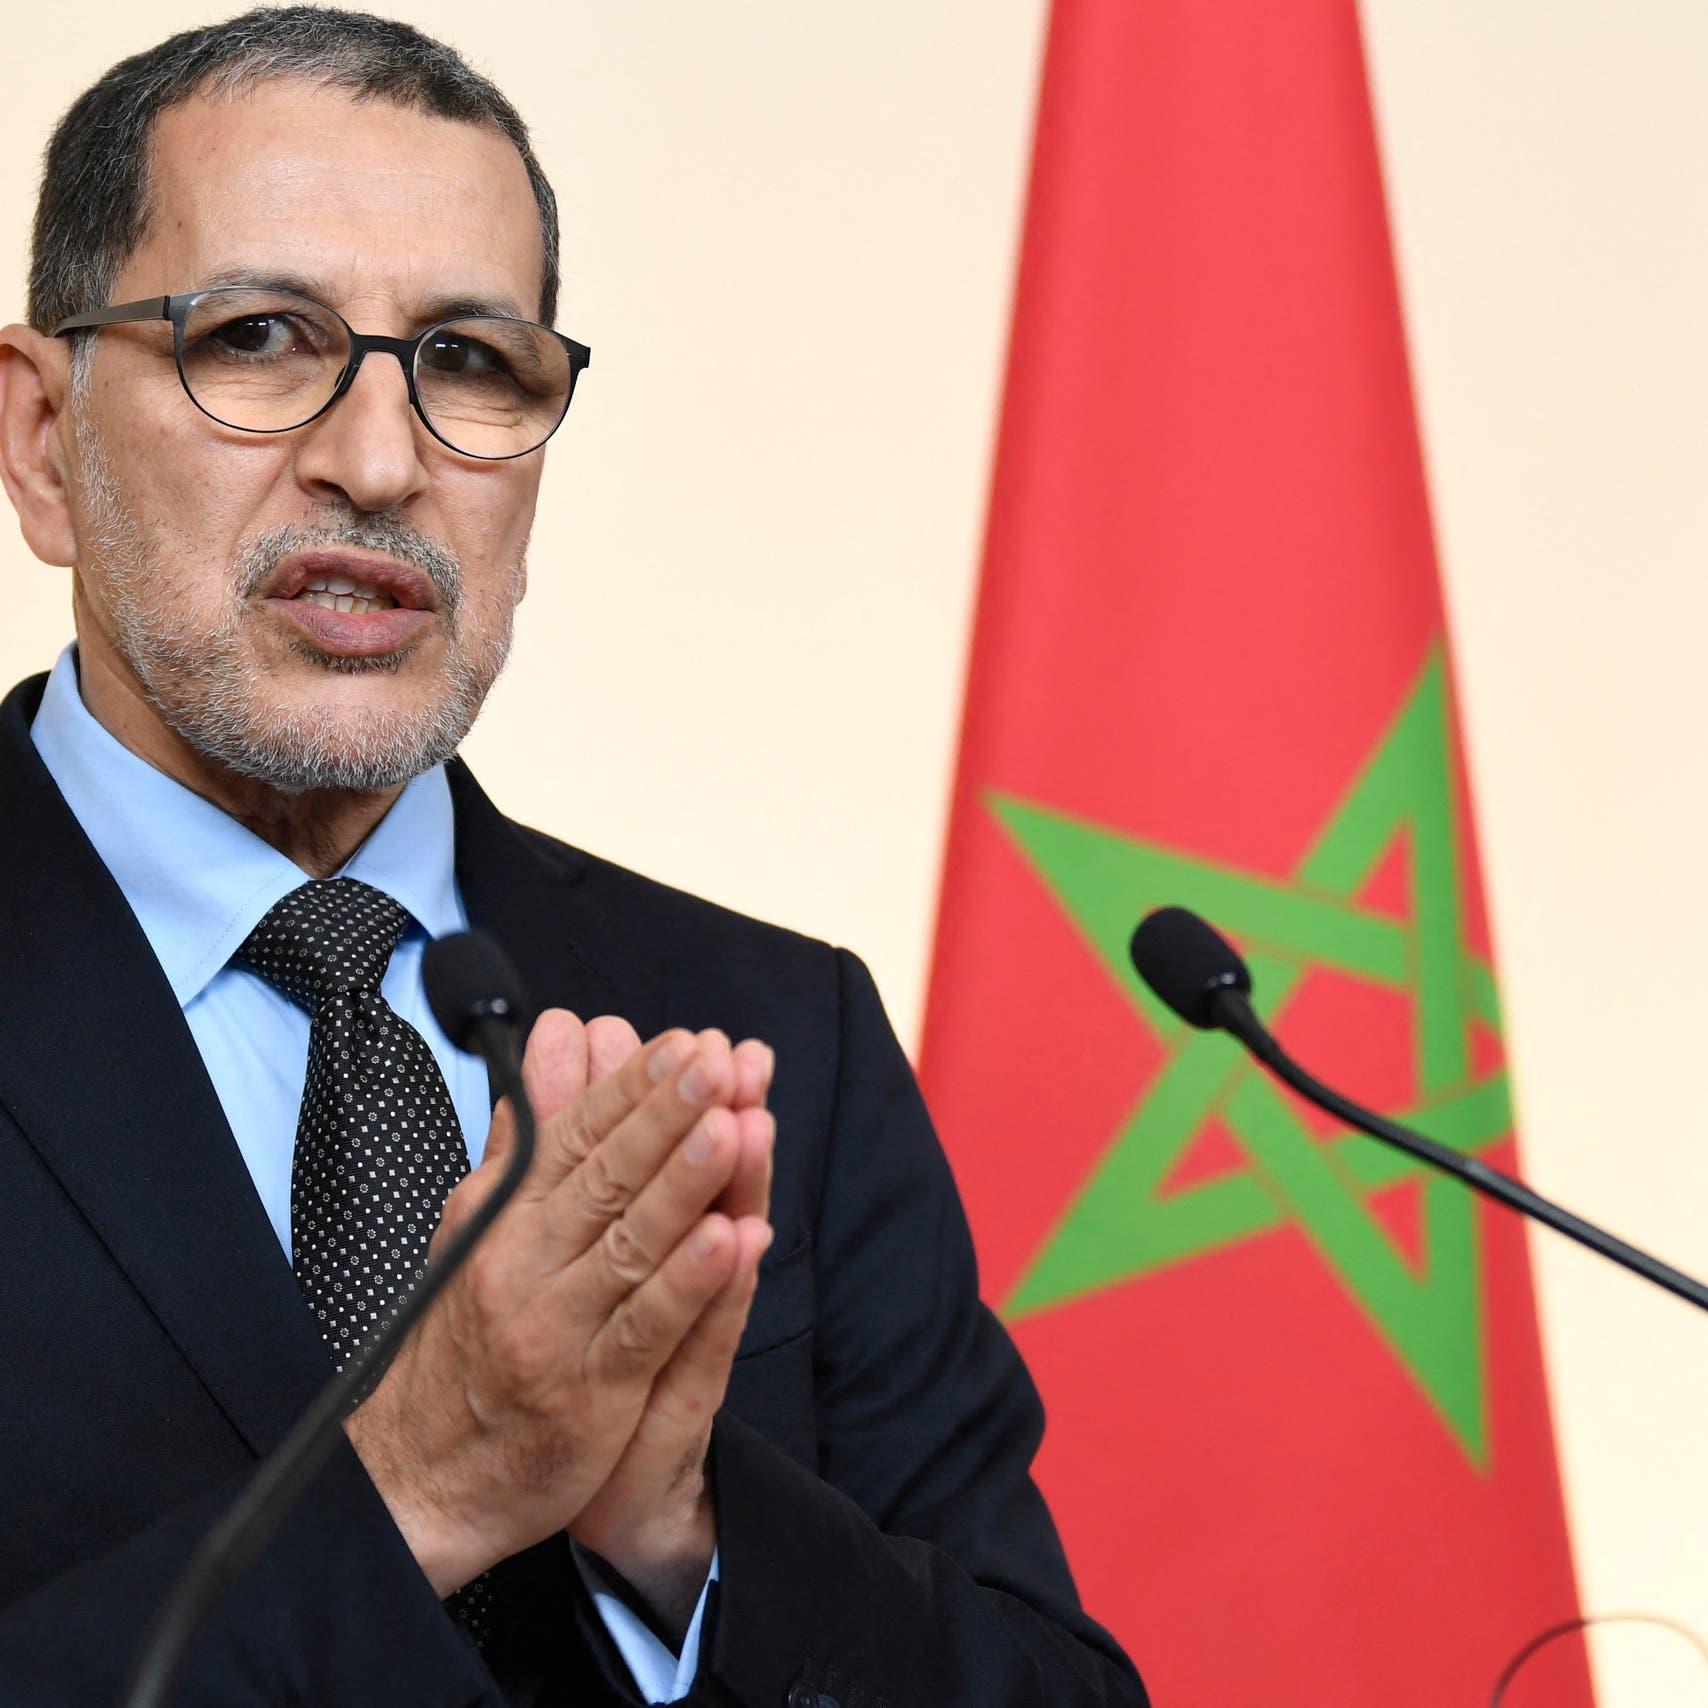 رئيس وزراء المغرب يشير لاحتمال تأجيل الانتخابات بسبب الوباء